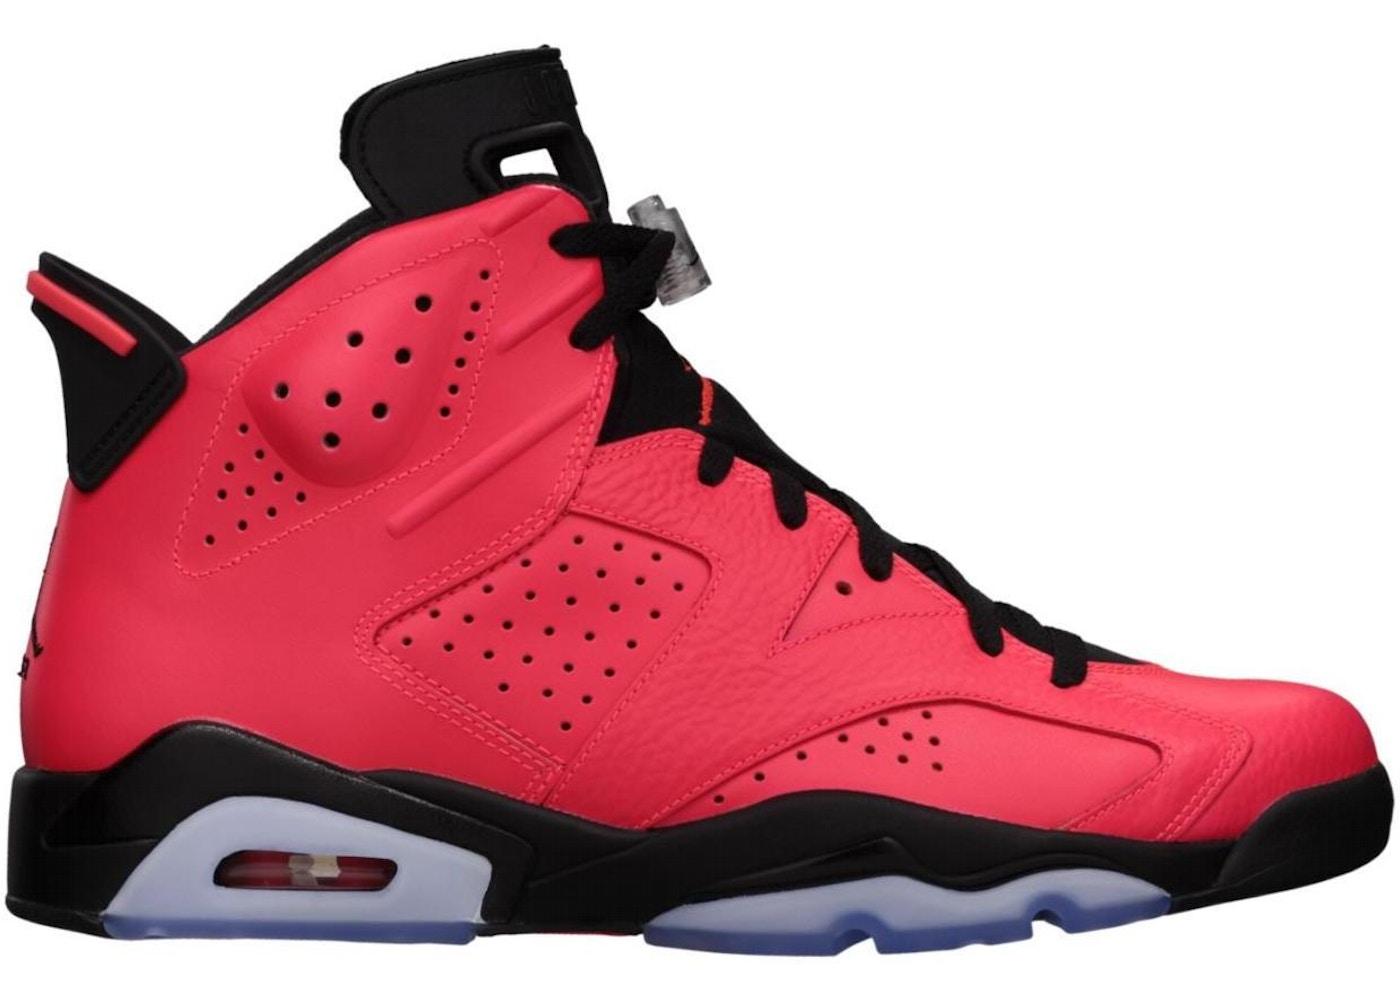 b228bf9b32dfe3 Jordan 6 Retro Infrared 23 (Toro) - 384664-623